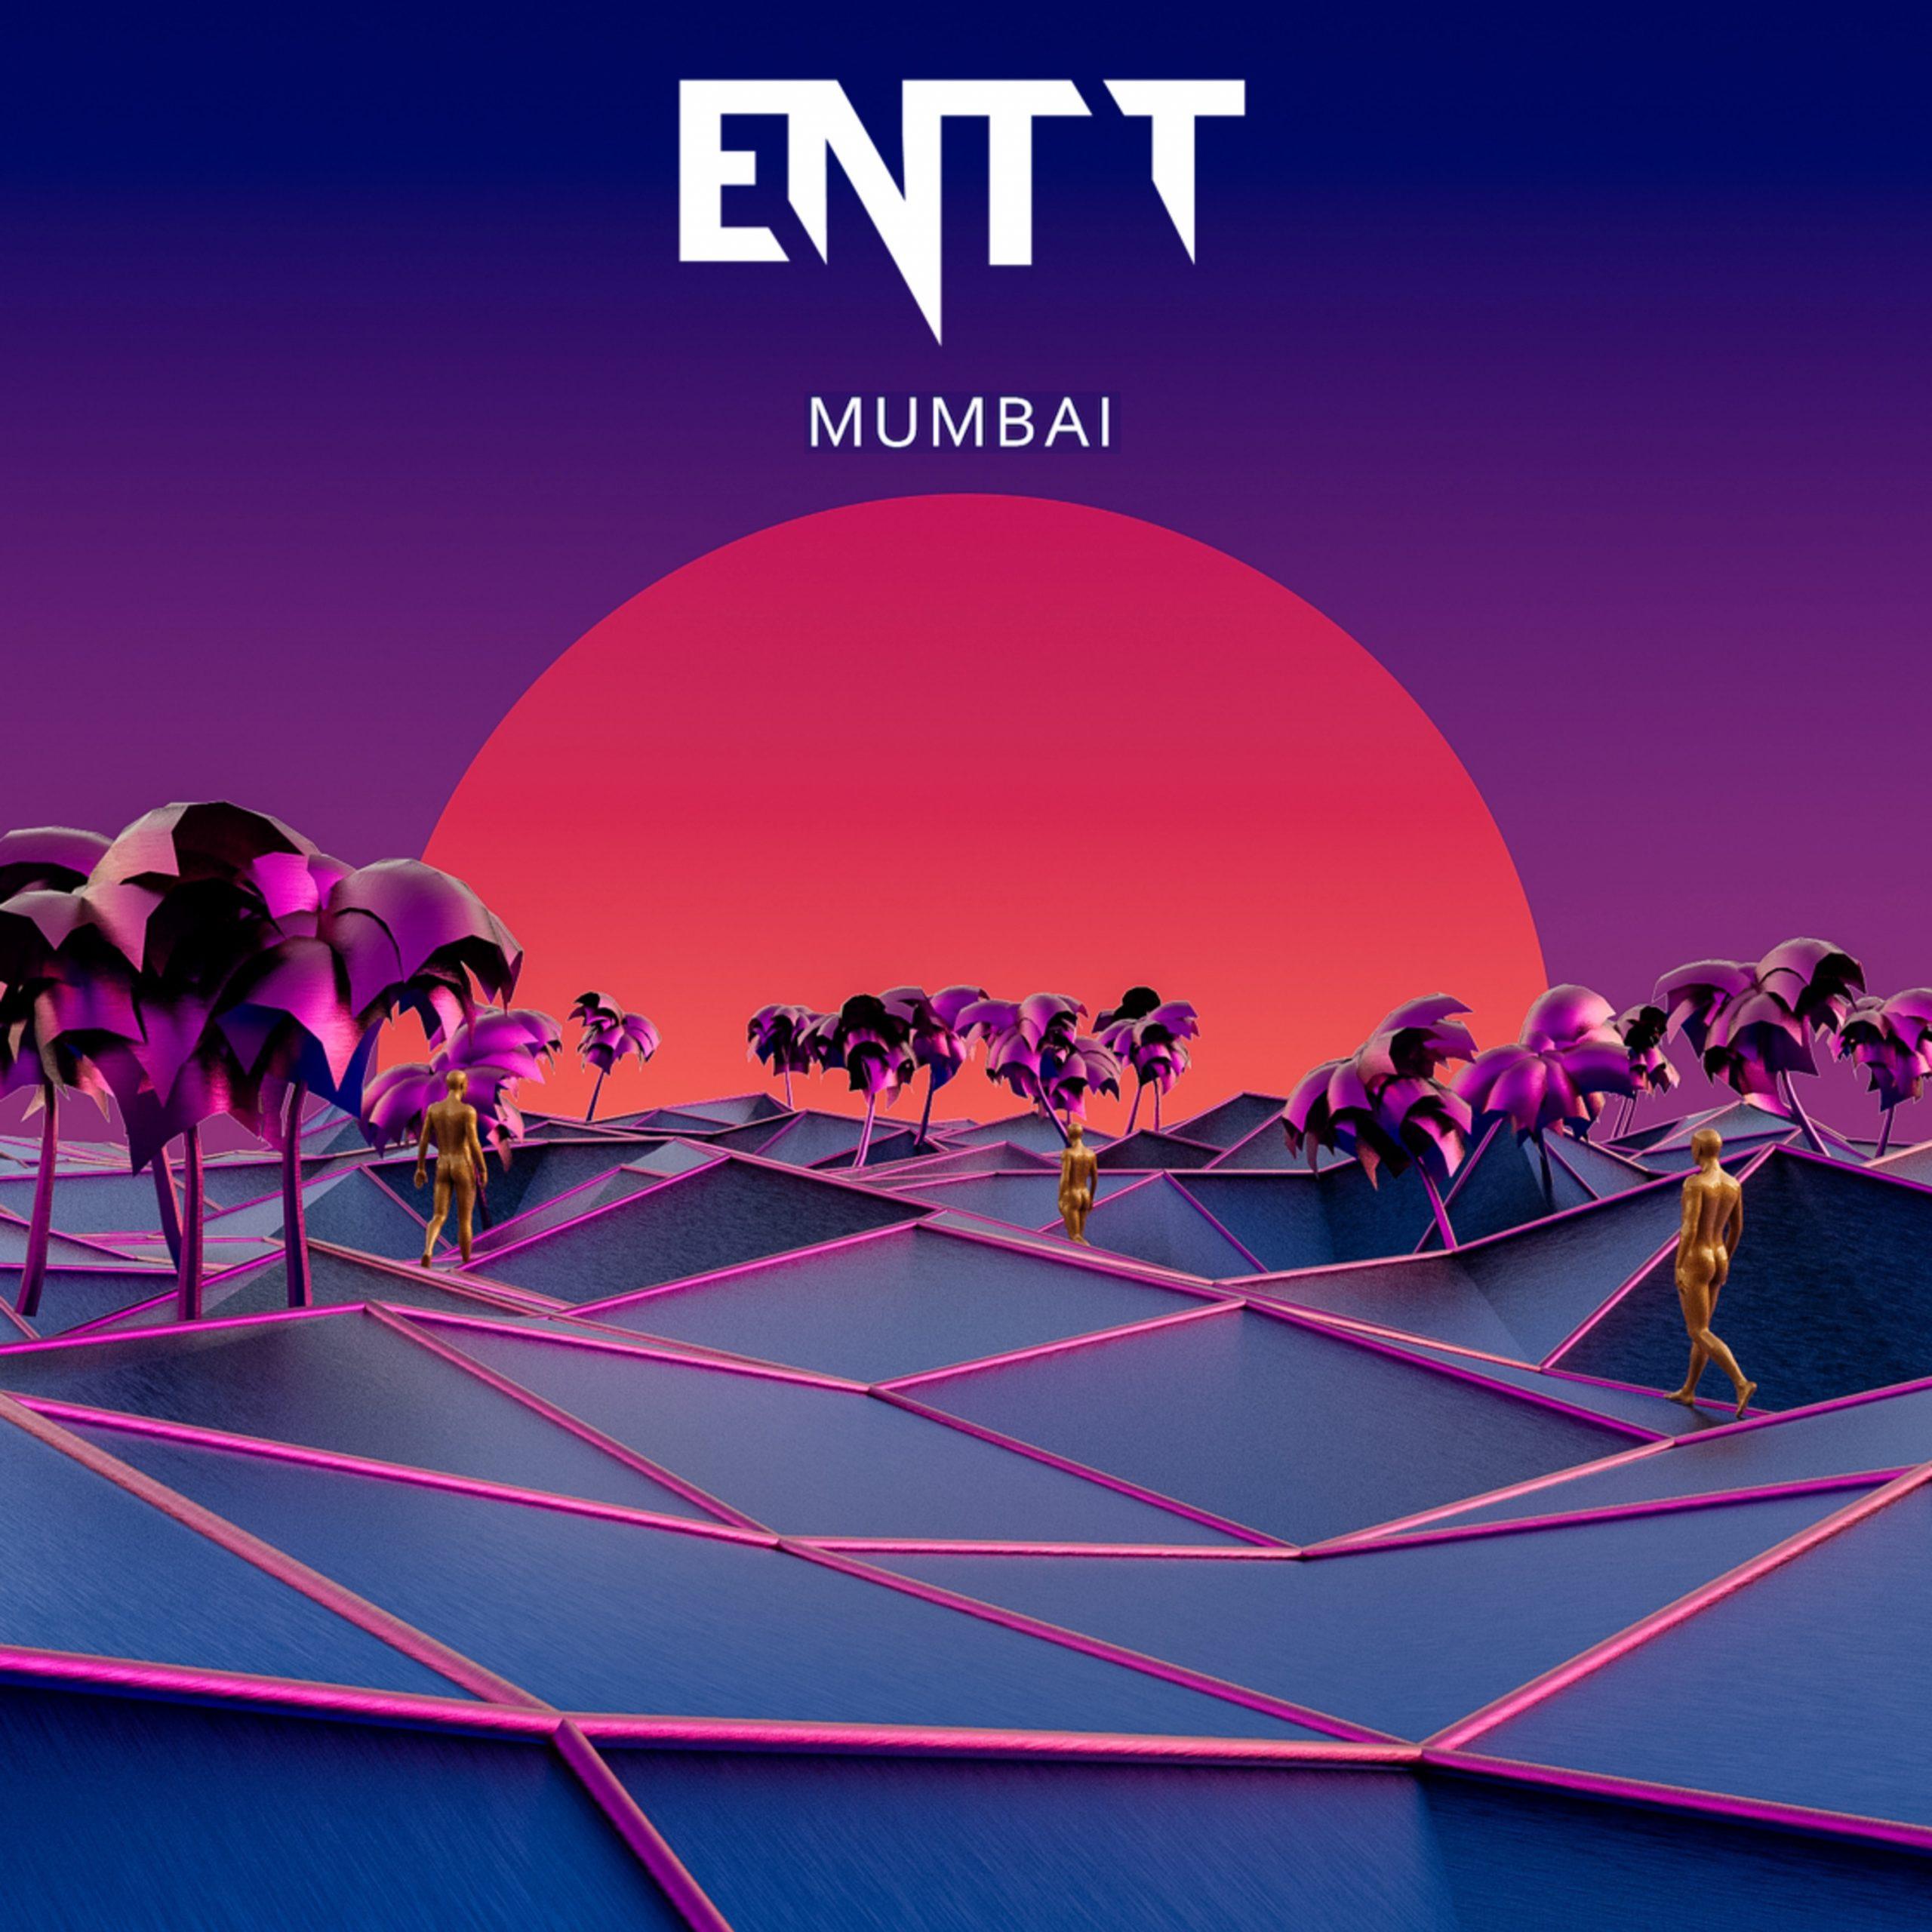 ENTT – Mumbai